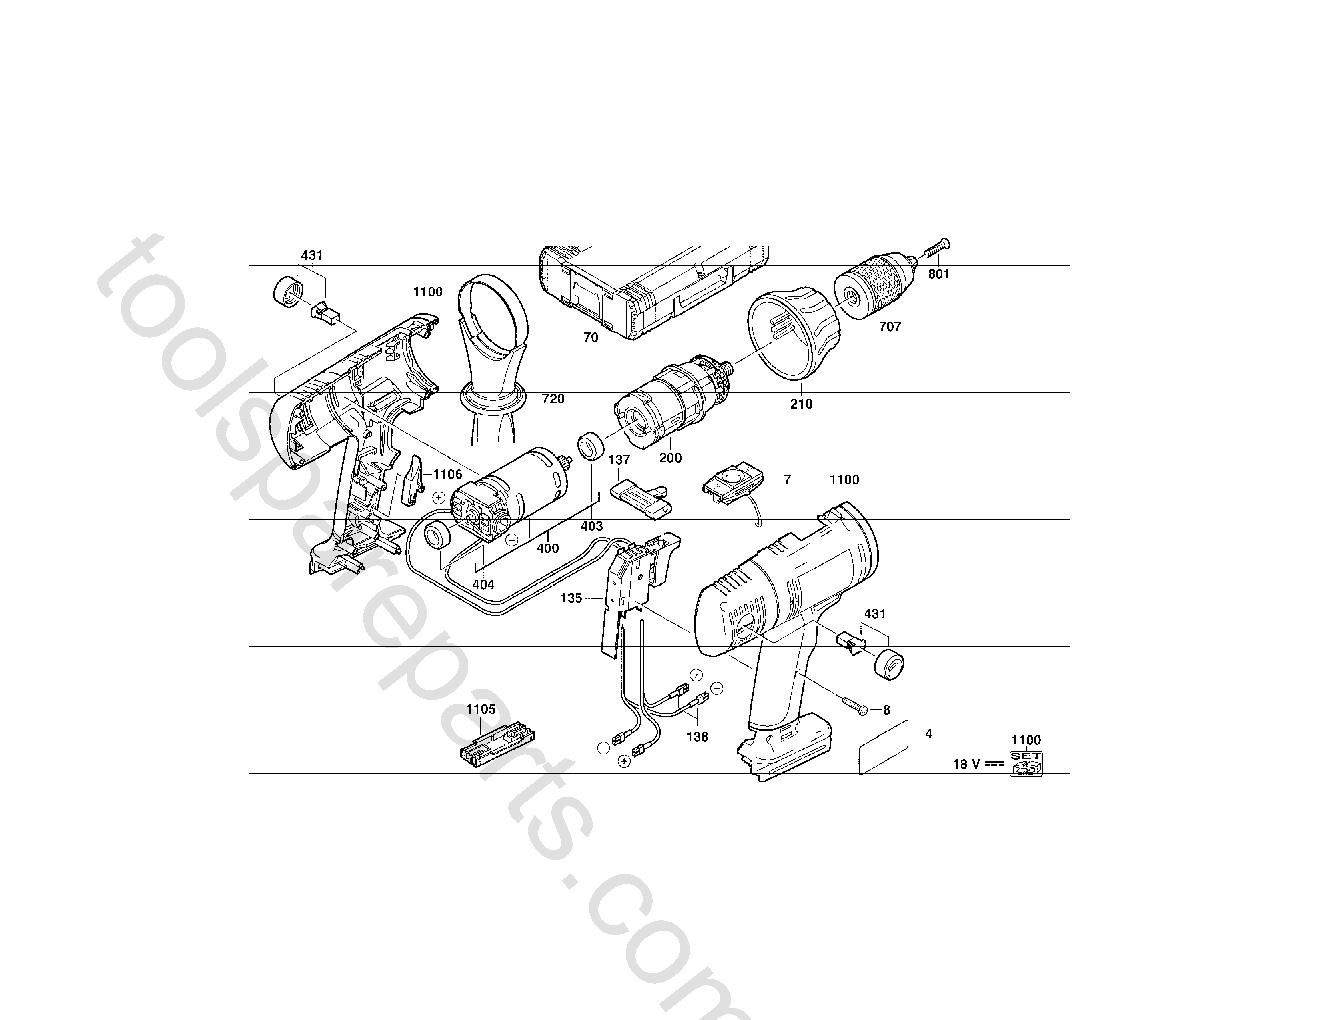 Milwaukee P18TX  Diagram 1